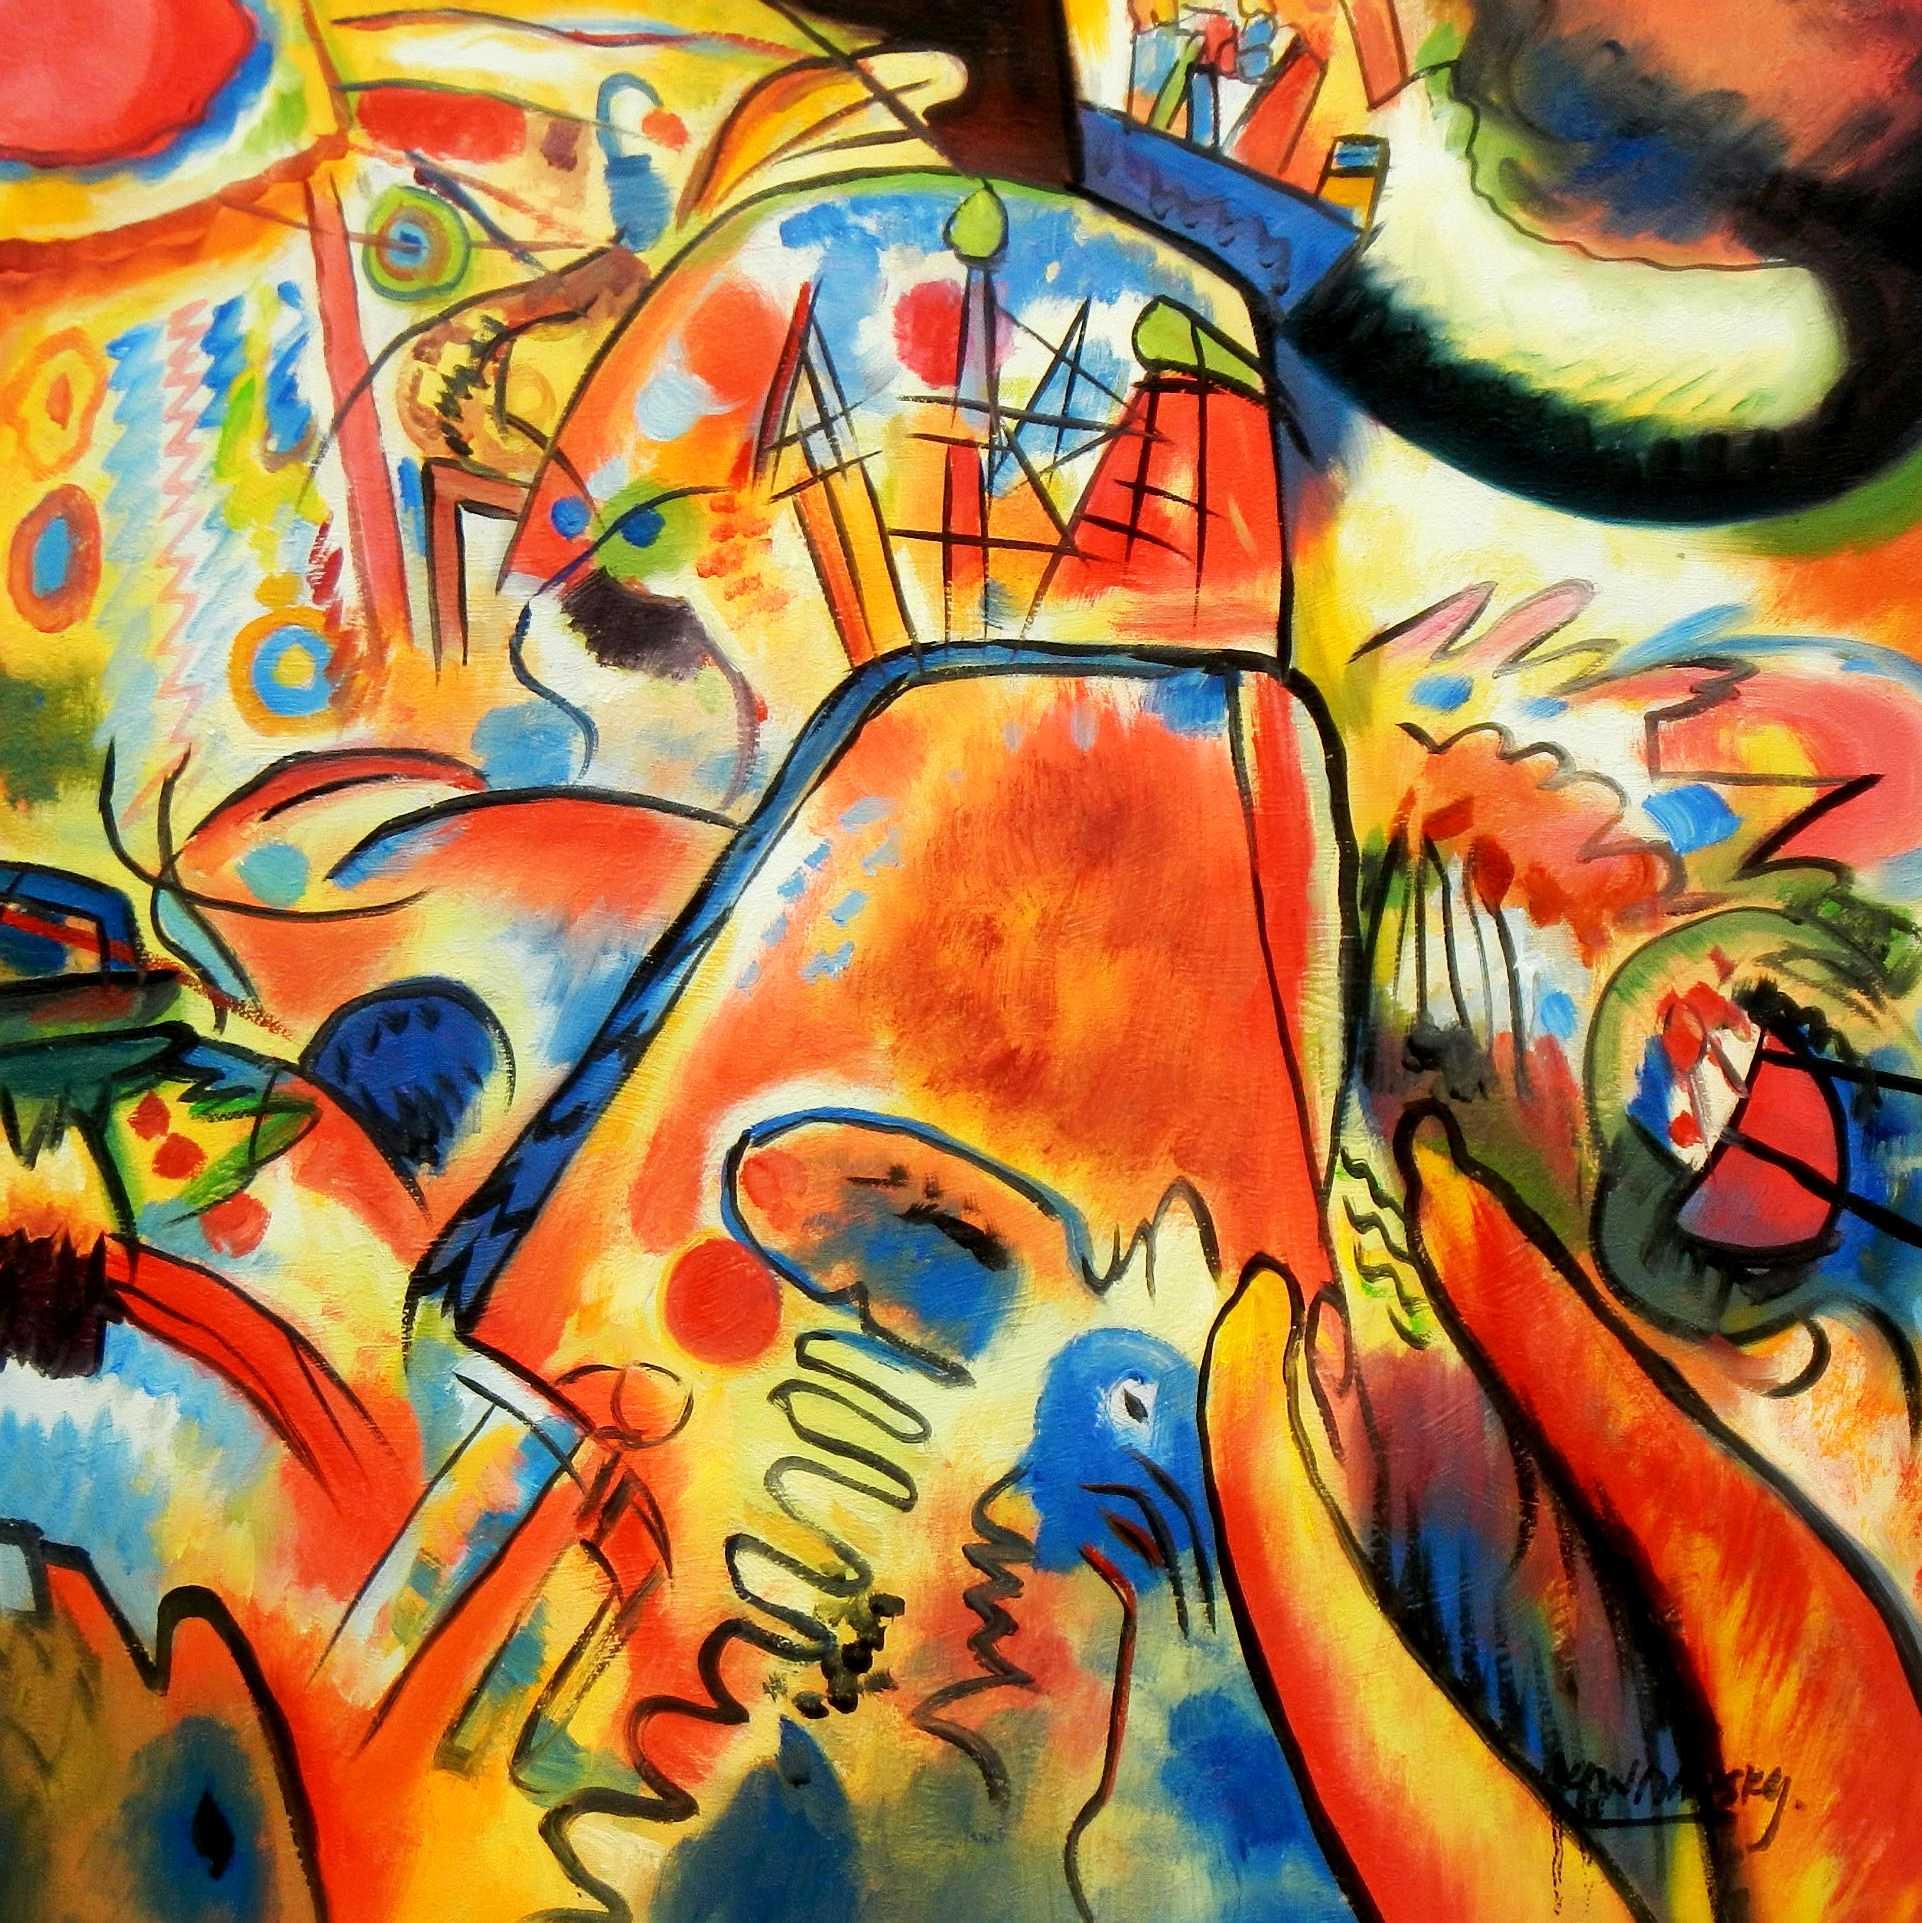 Wassily Kandinsky - Kleine Freuden e94910 60x60cm exquisites Gemälde